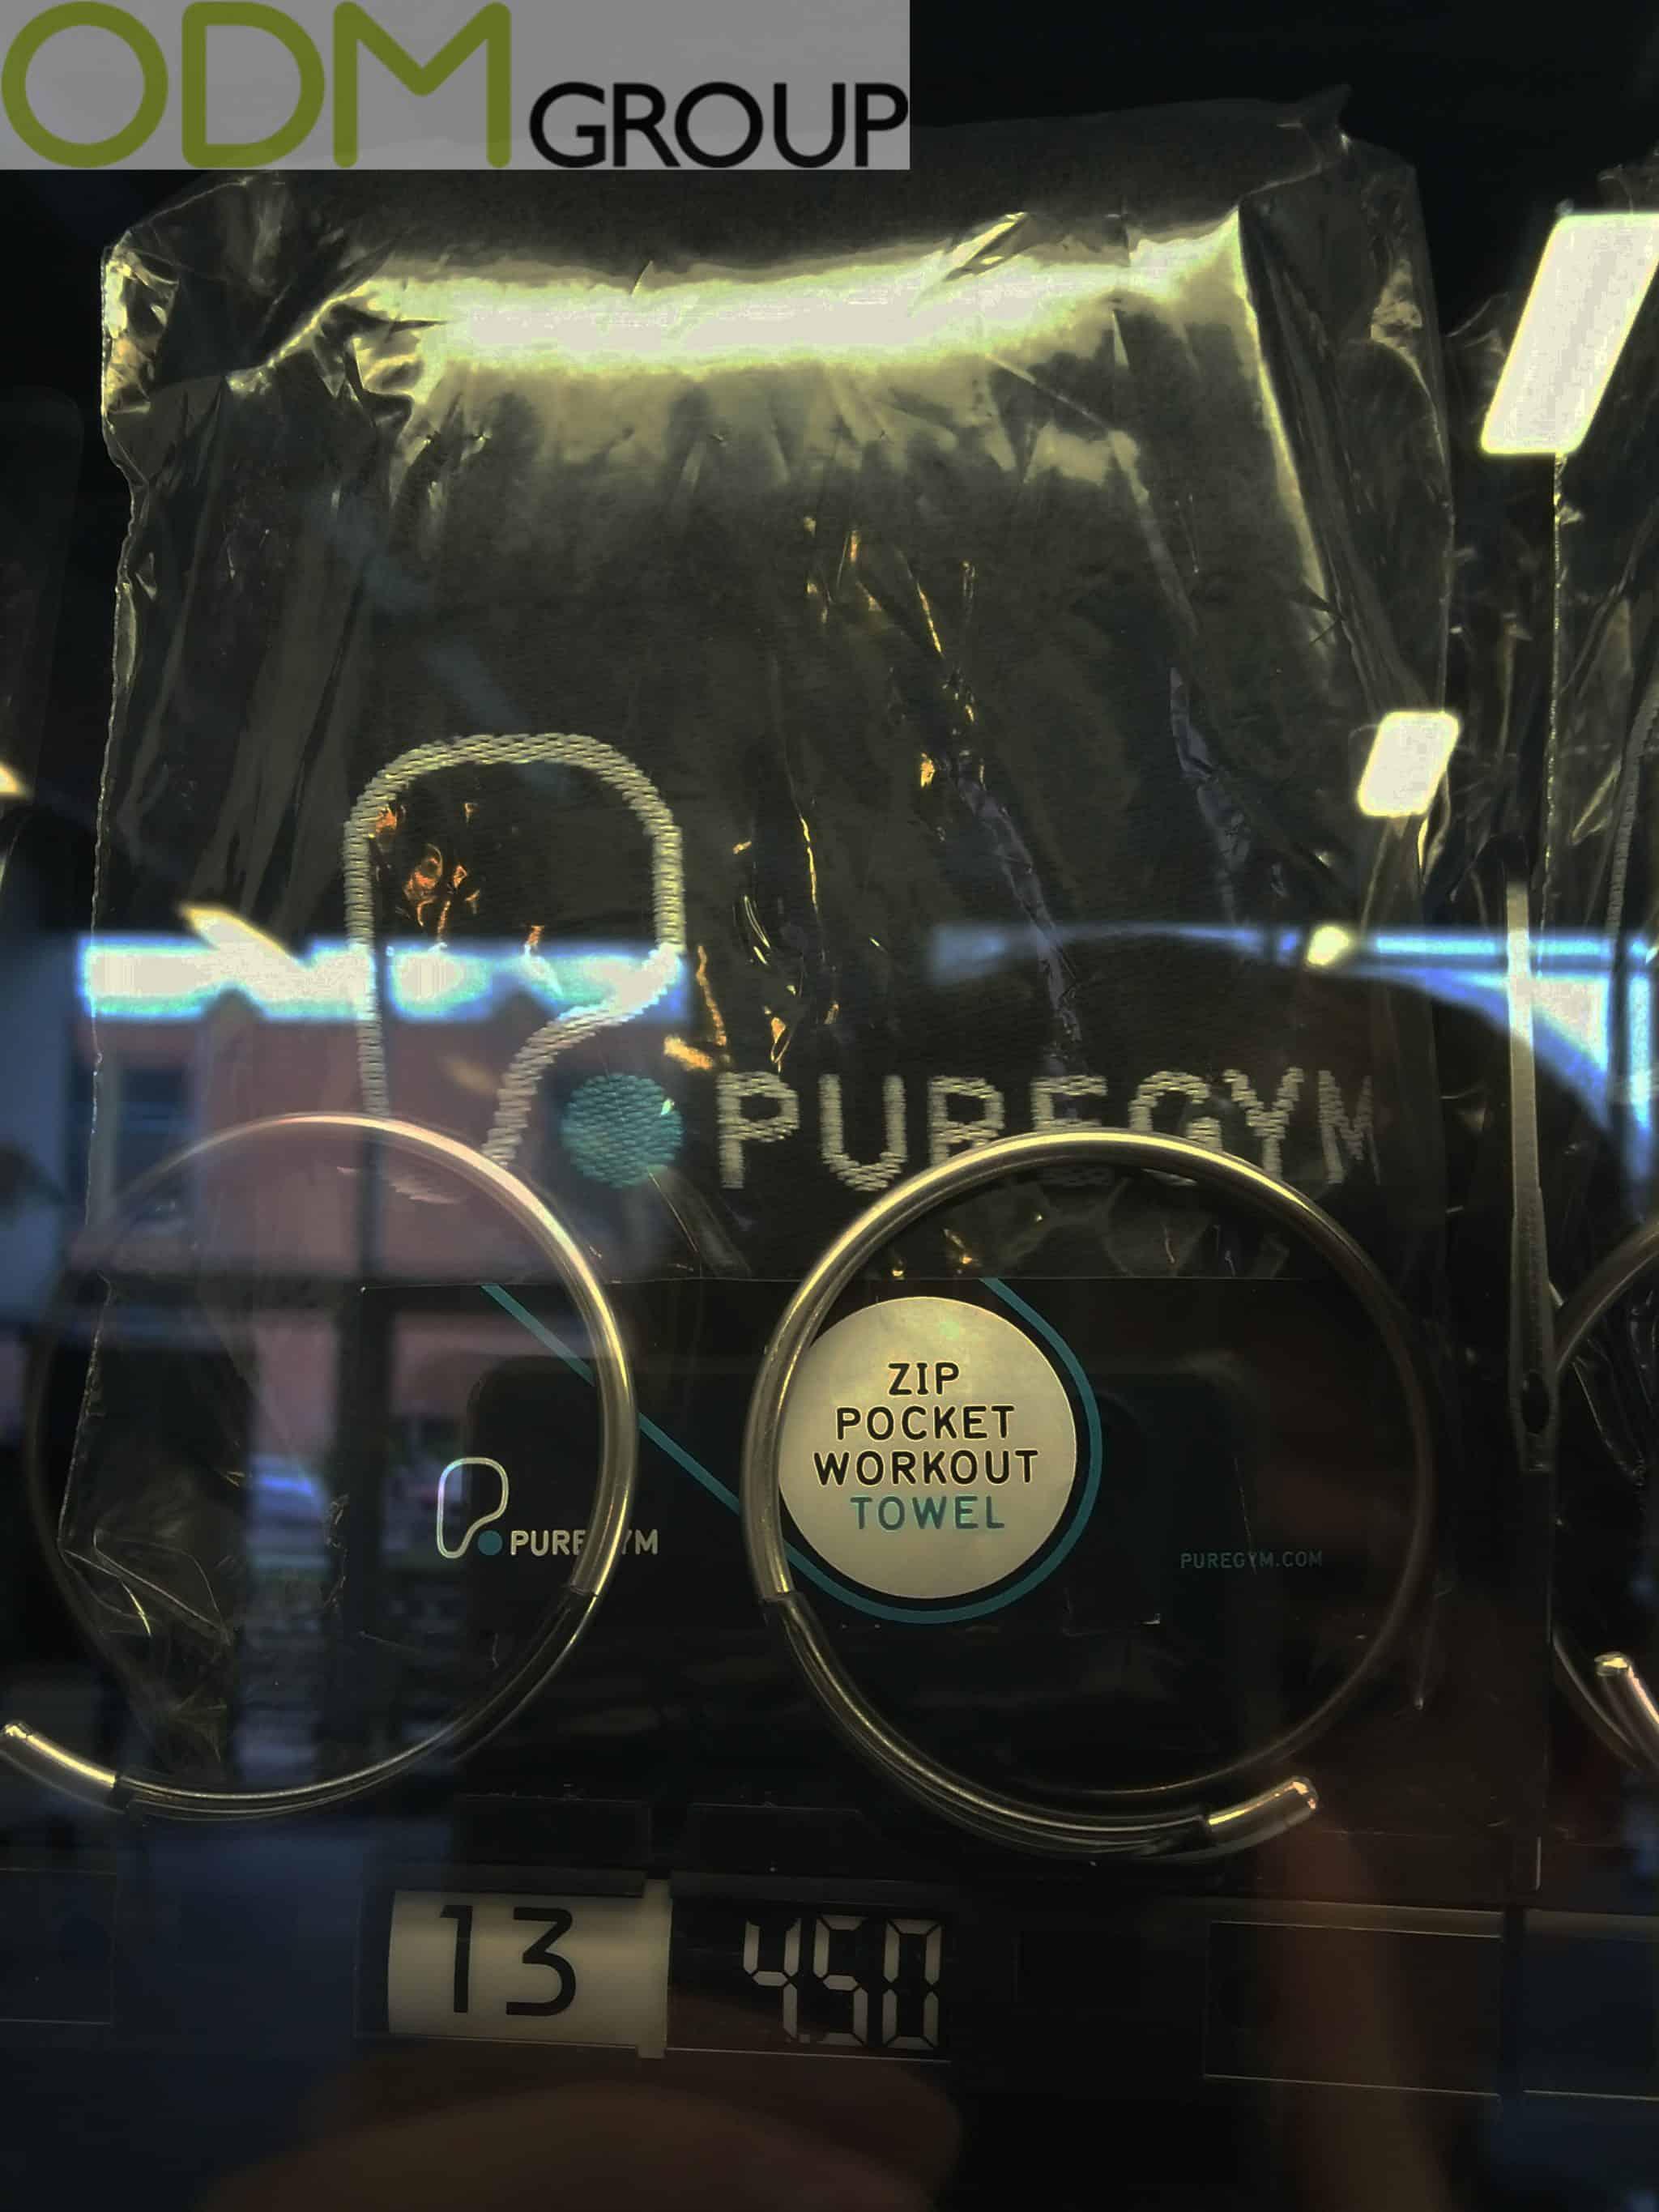 Gym Merchandise - Branded Accessories